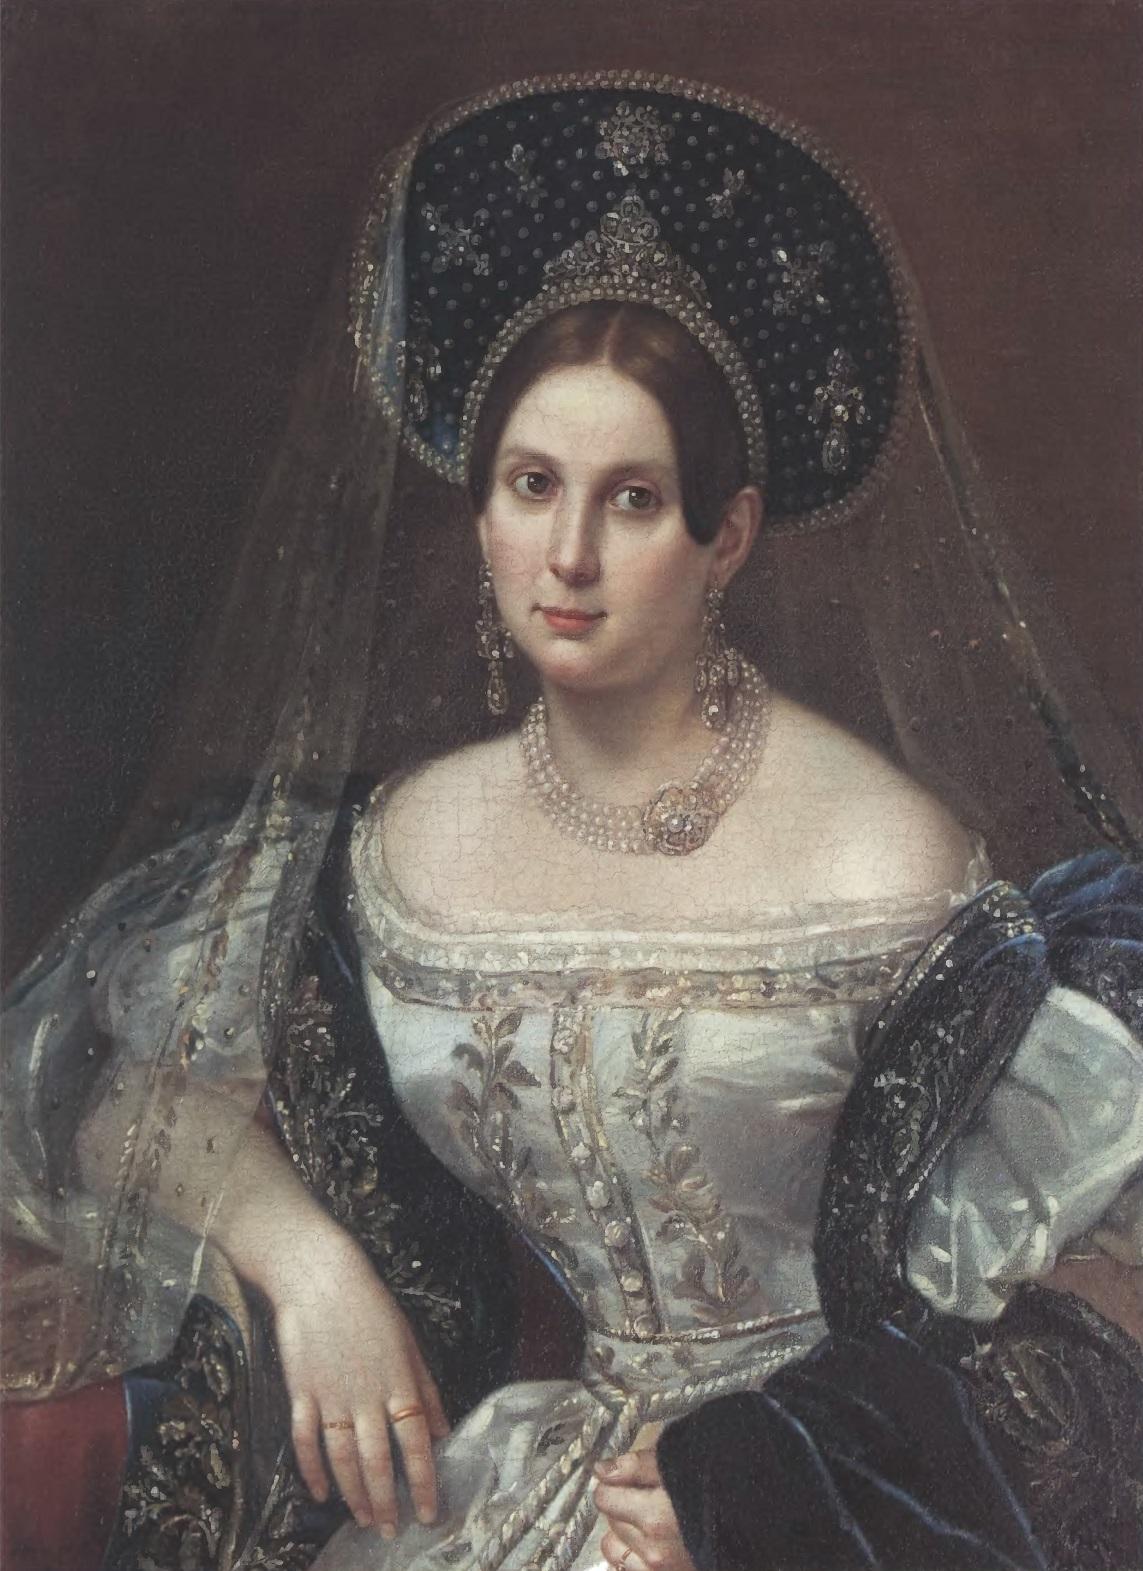 ПИМЕН ОРЛОВ. Портрет неизвестной в придворном русском платье. Около 1835. Холст, масло. 79 х 64,5 см. Государственный Эрмитаж